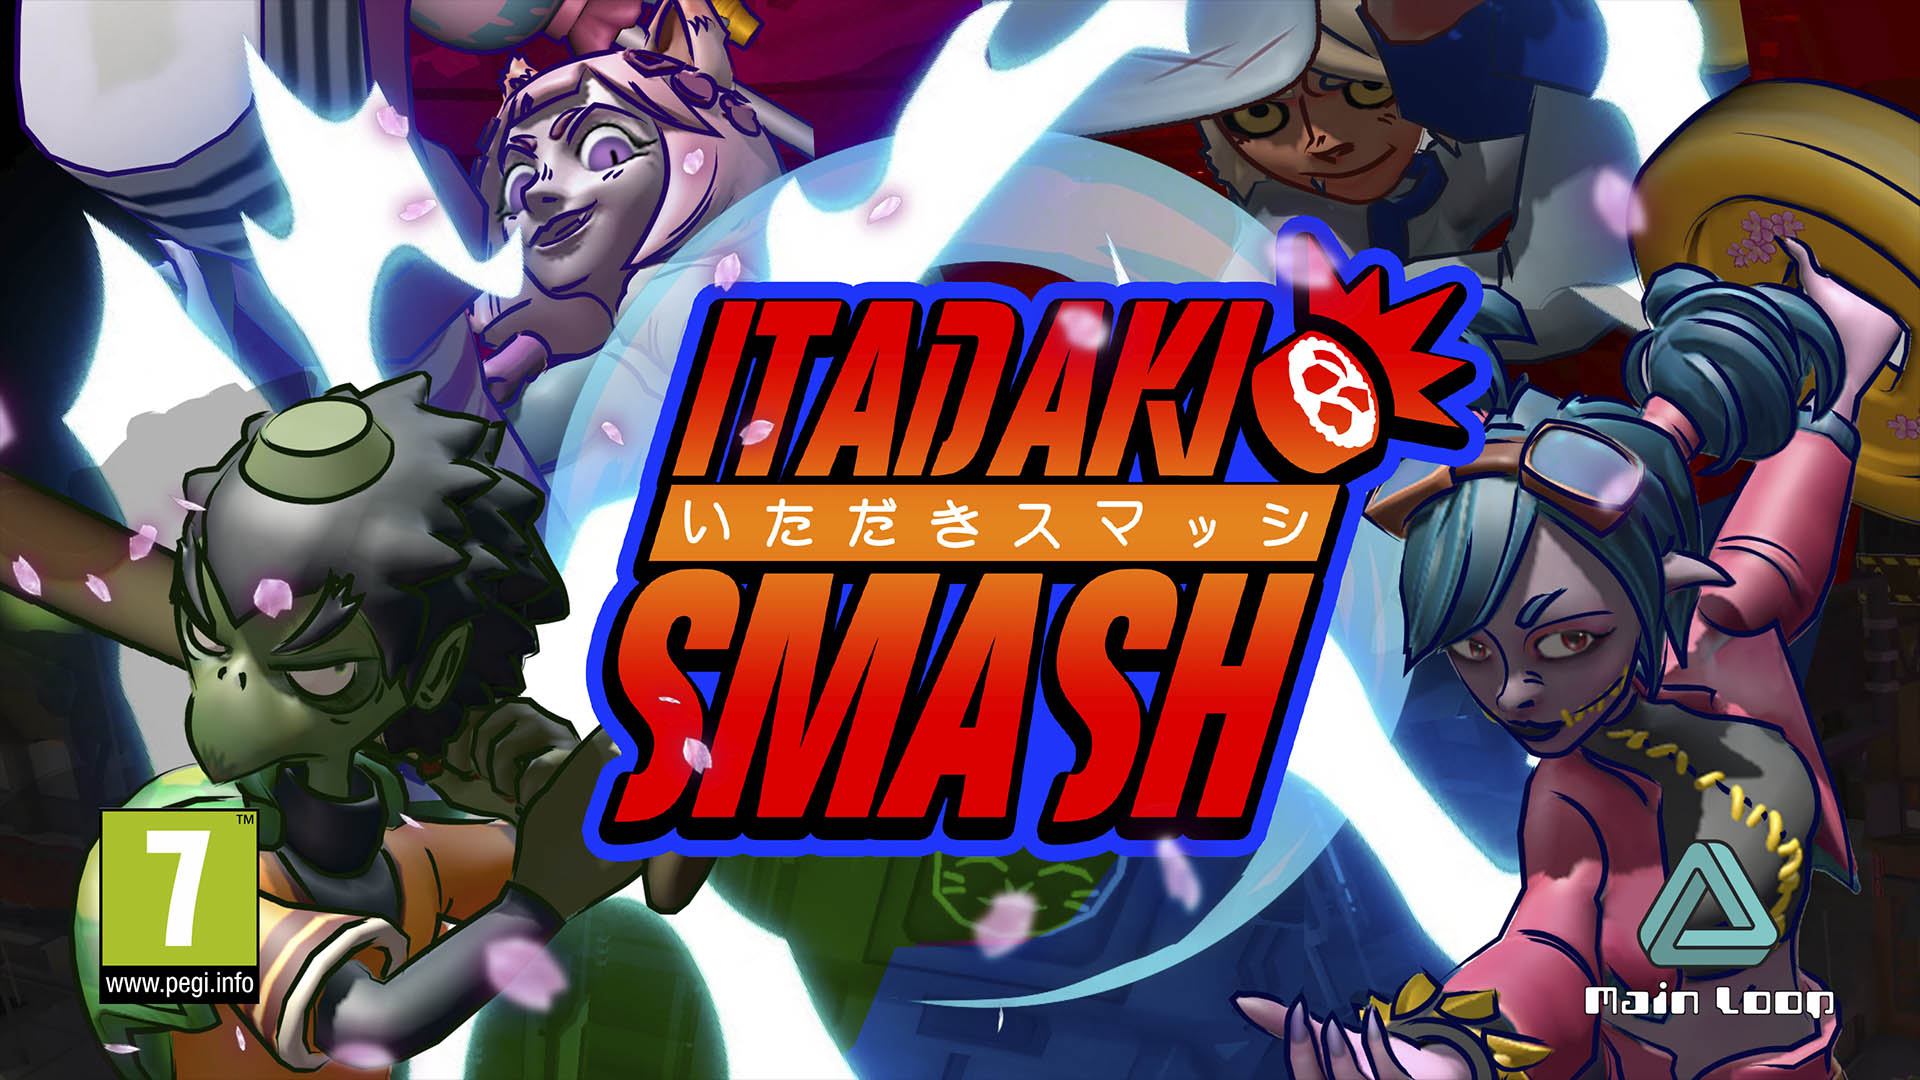 Itadaki Smash